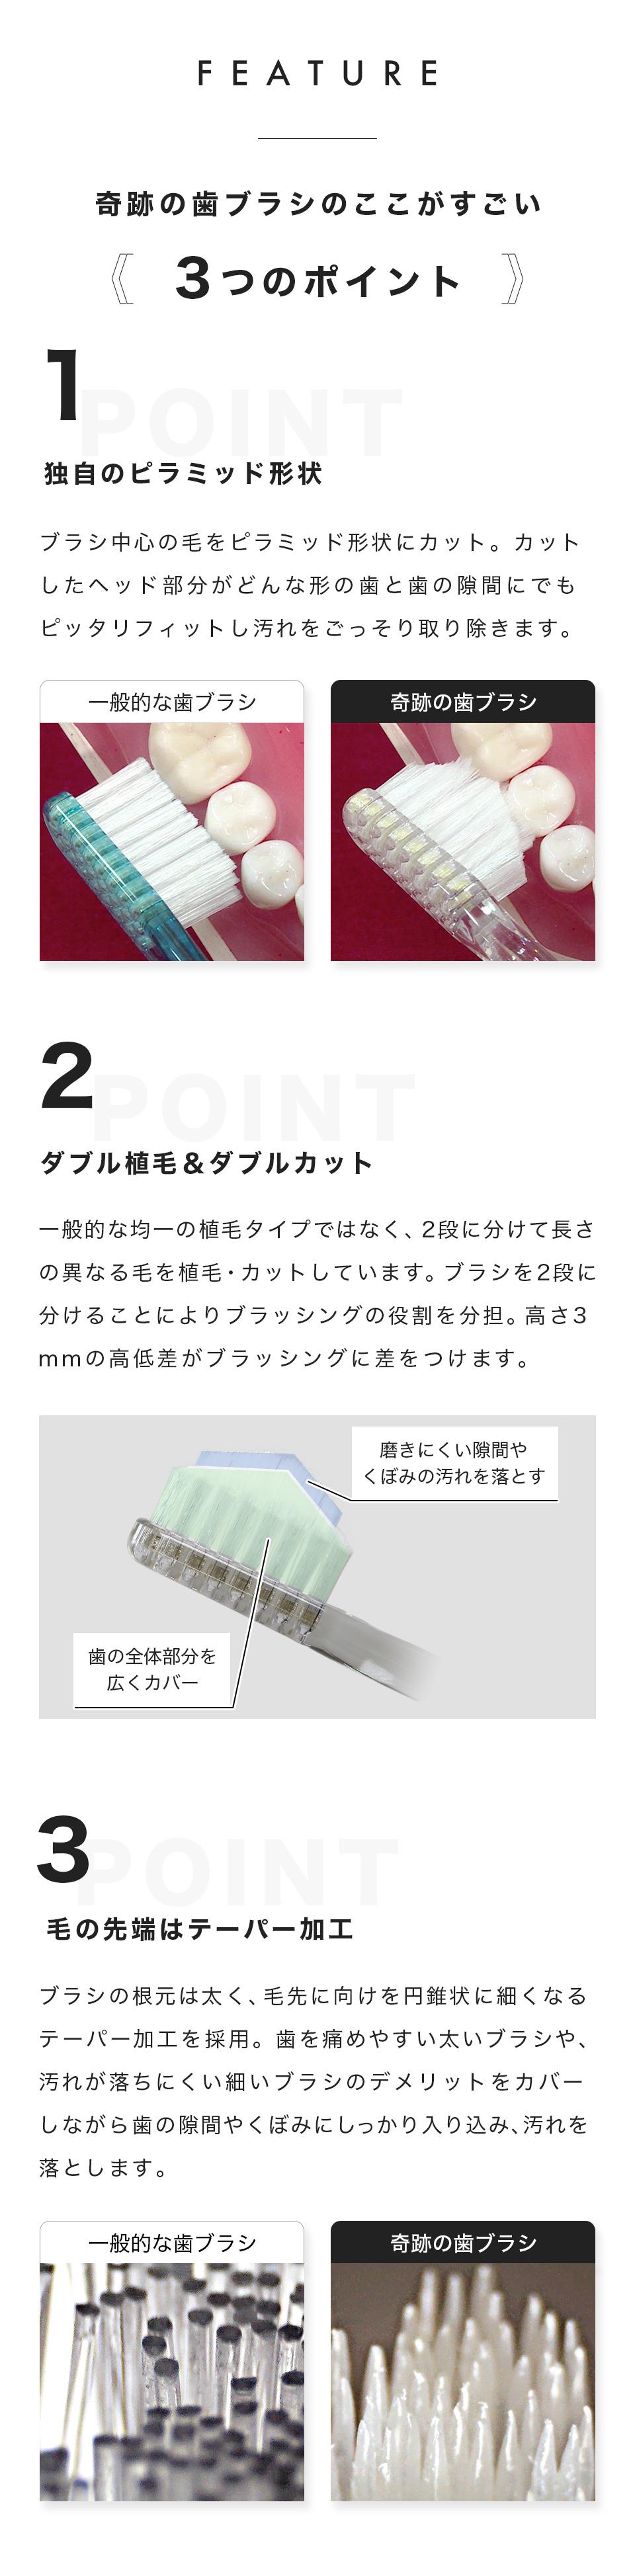 feature 奇跡の歯ブラシのここがすごい 3つのポイント